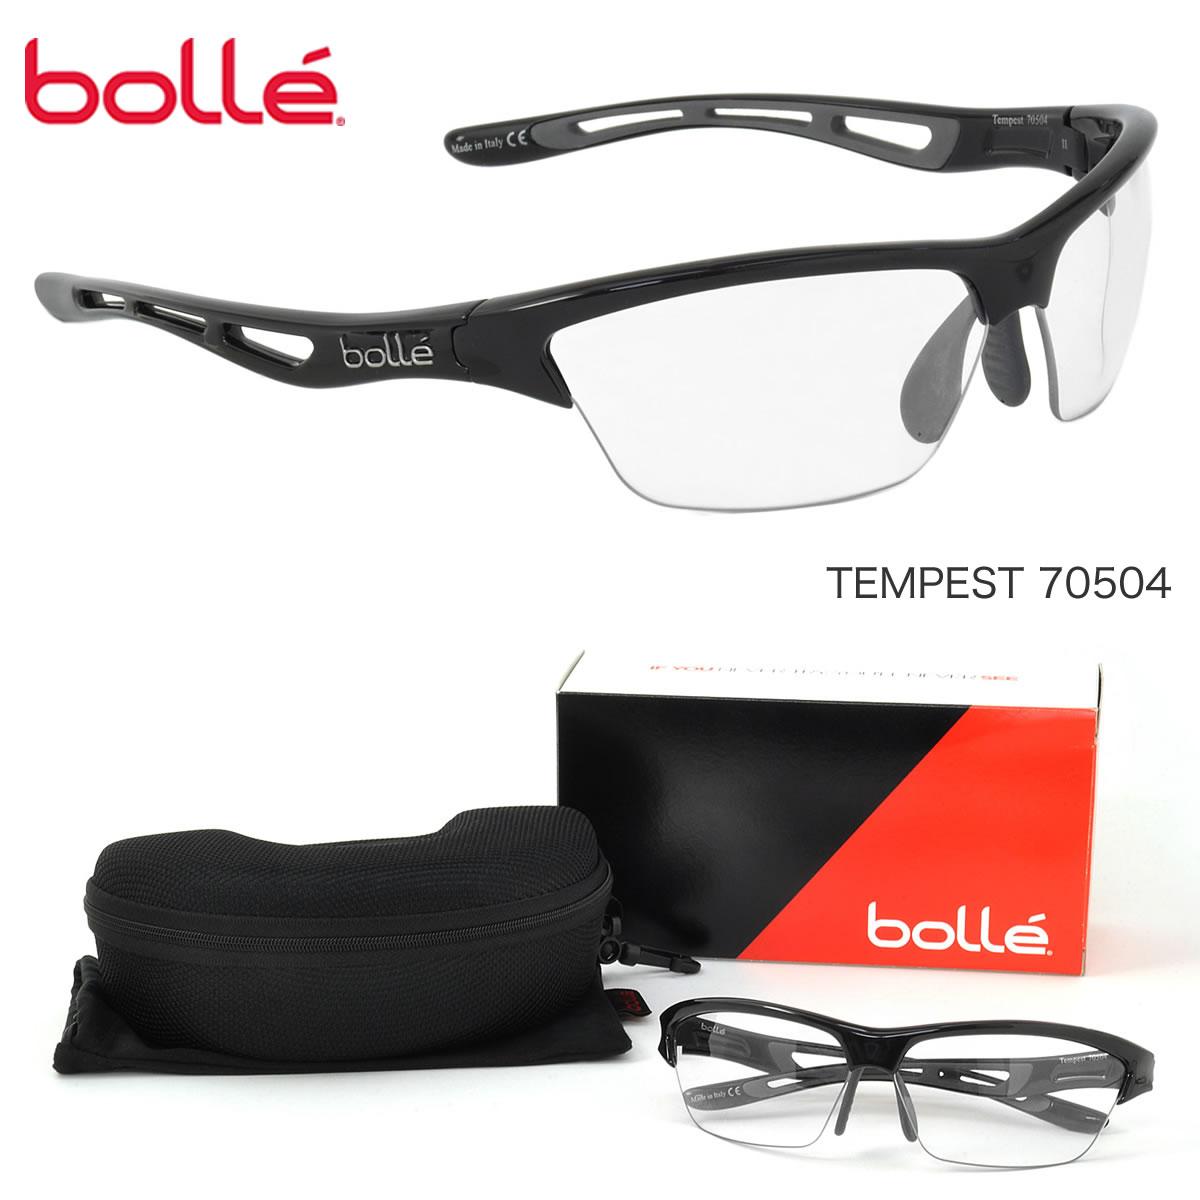 【BOLLE】 (ボレー) サングラスTEMPEST 70504 71サイズスポーツ BOLLE メンズ レディース